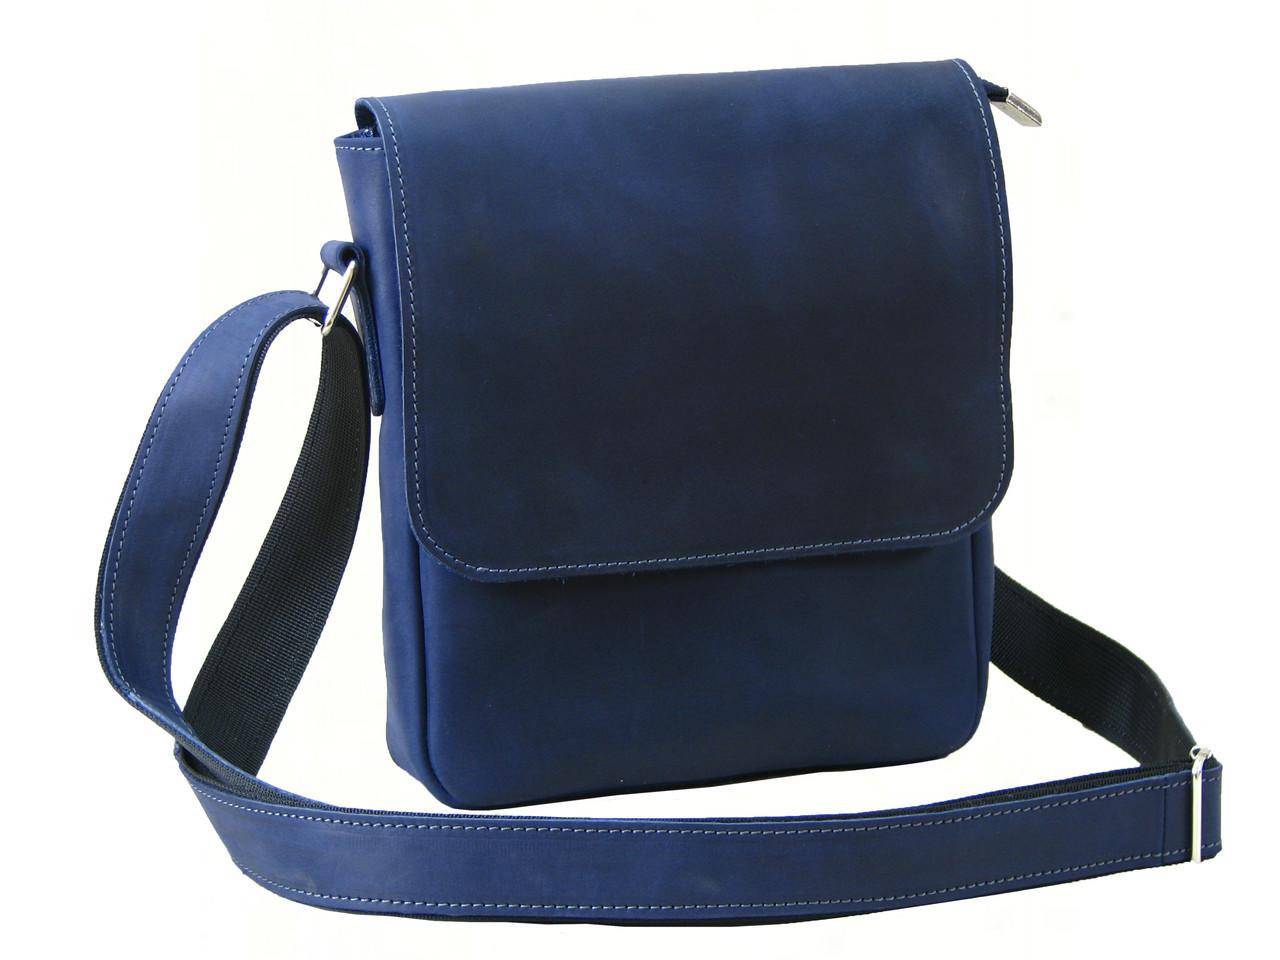 Мужская кожаная сумка через плечо GS синяя